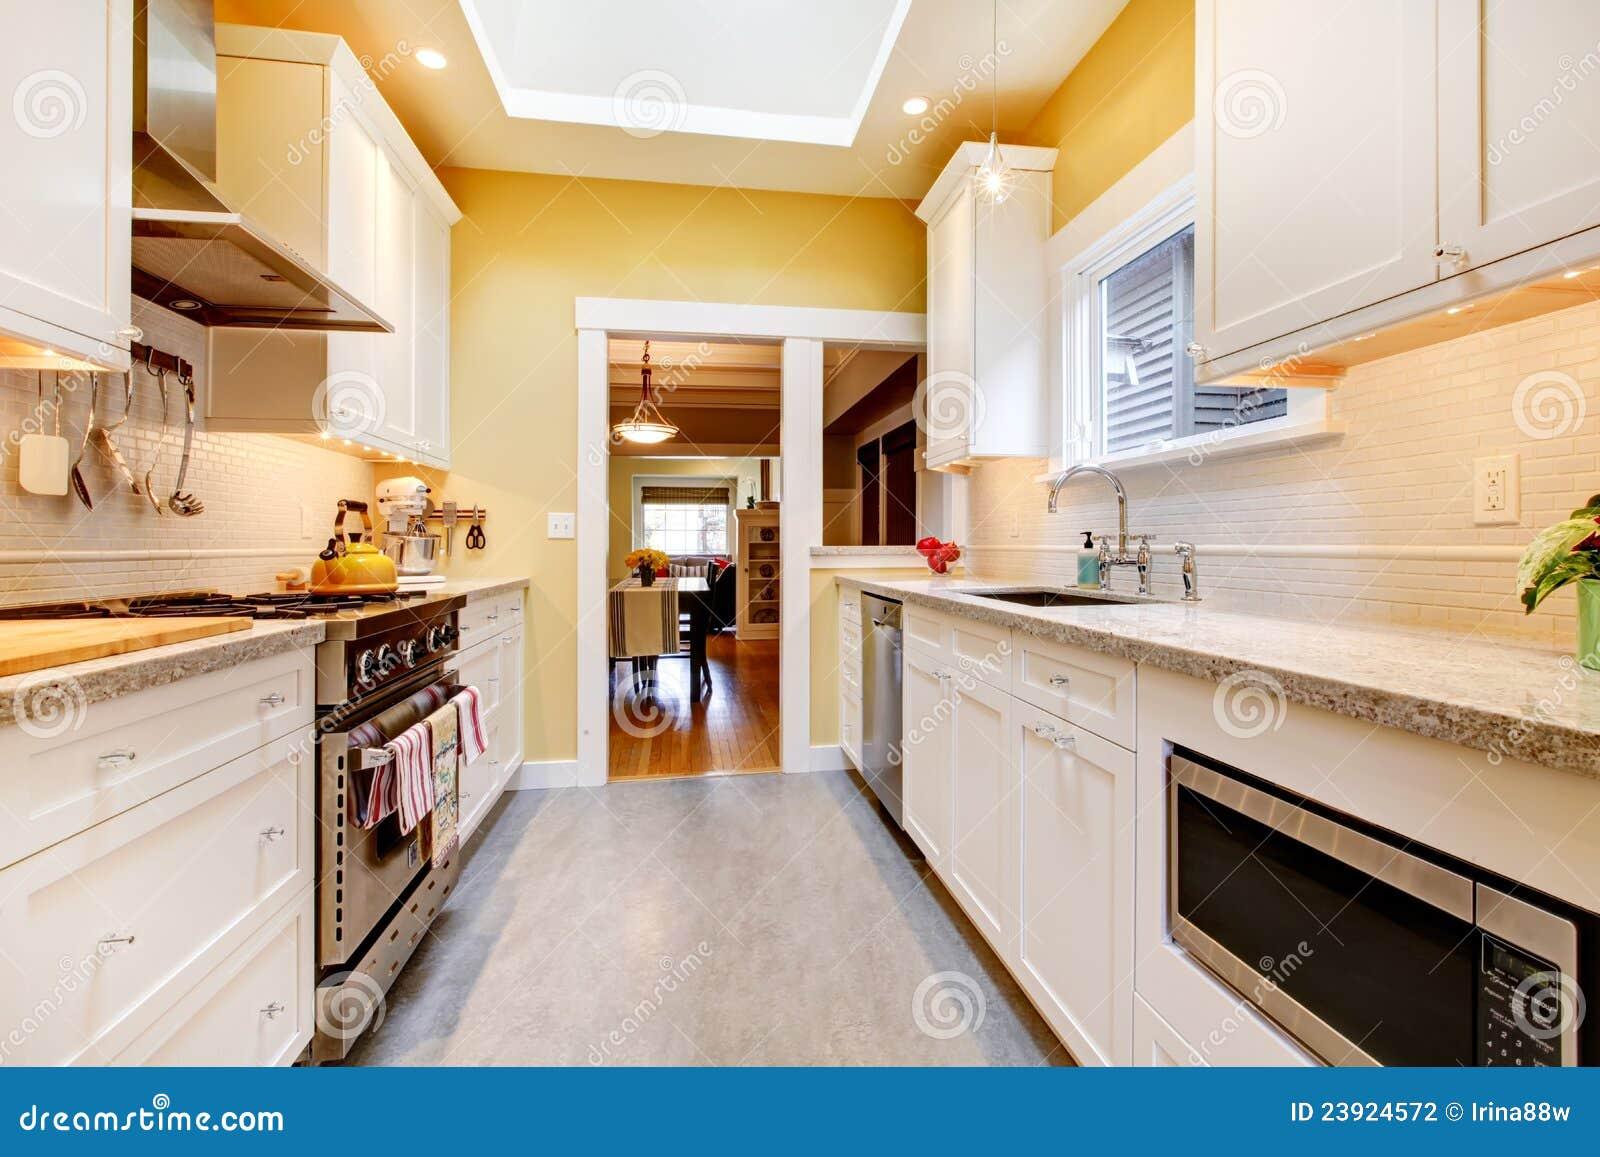 Gelbe Und Weiße Einfache Küche Mit Oberlicht. Stockfoto - Bild von ...